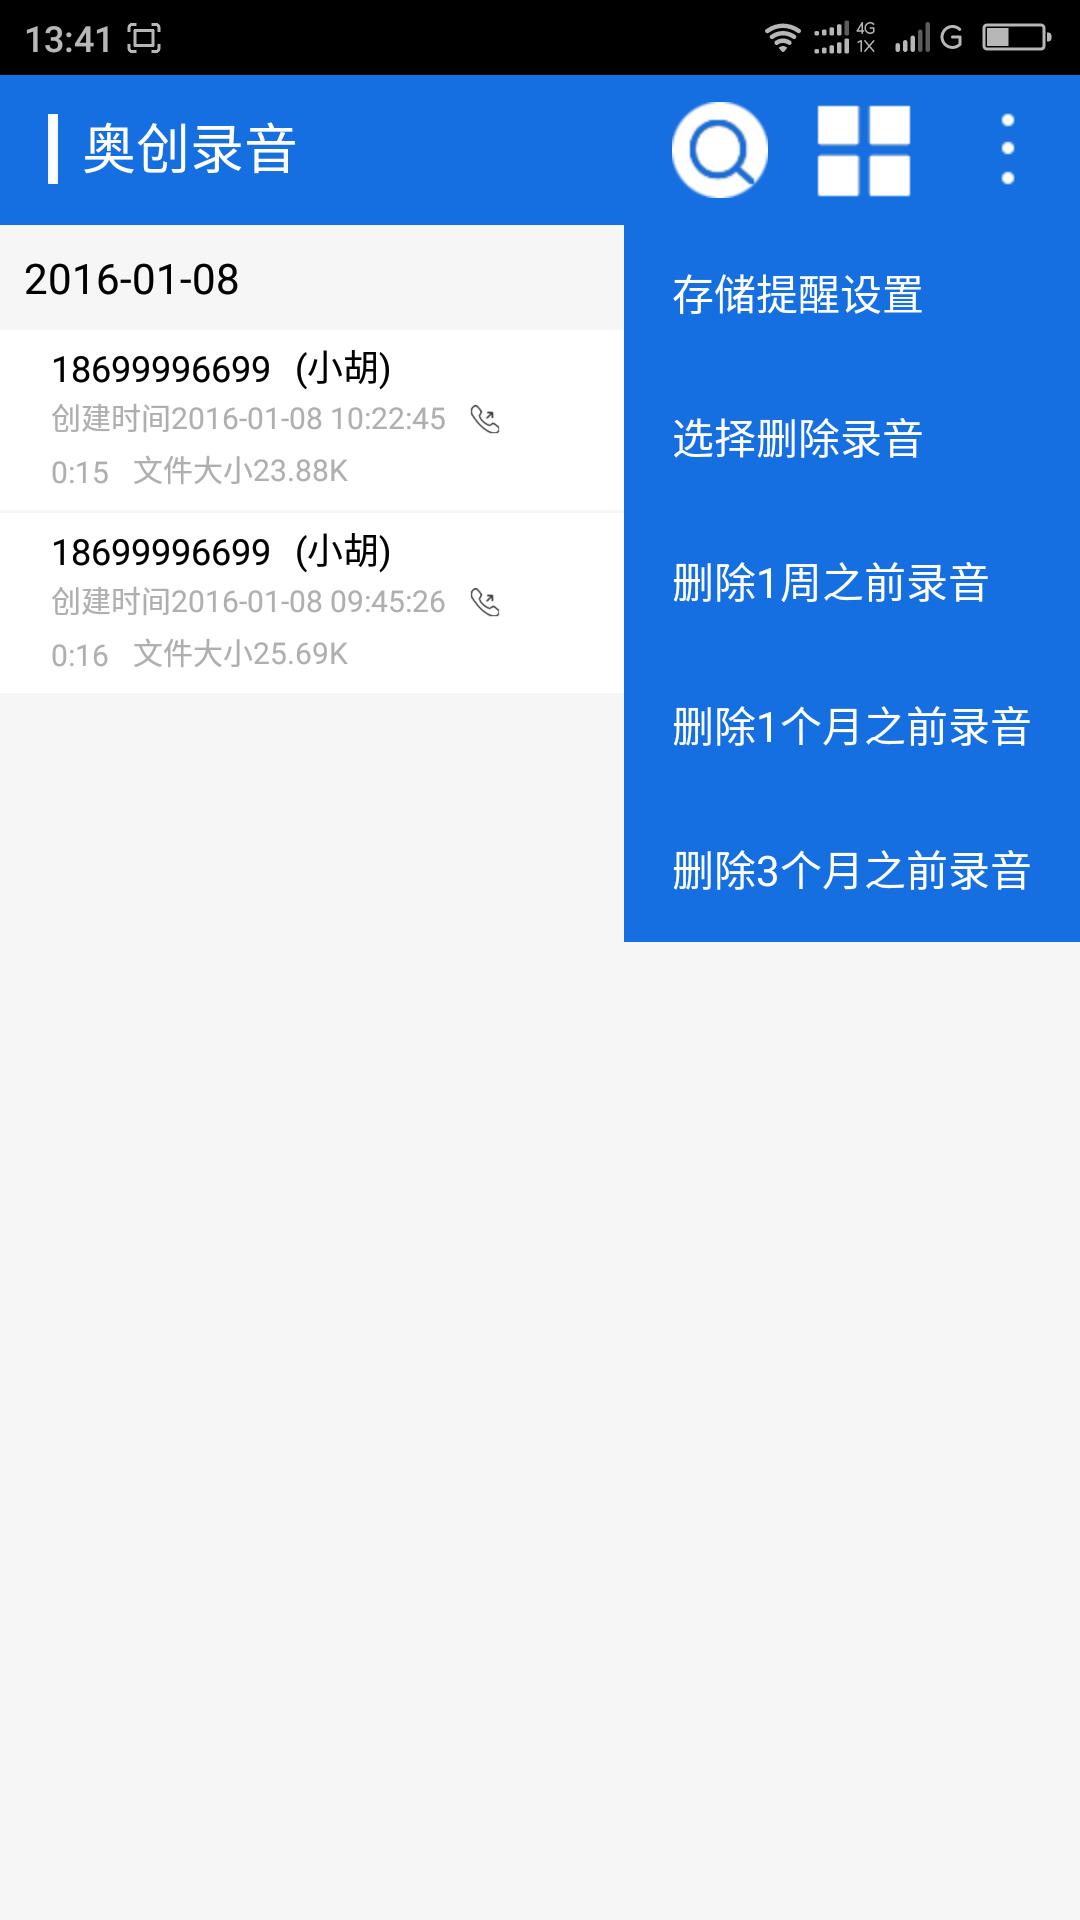 奥创通话录音软件